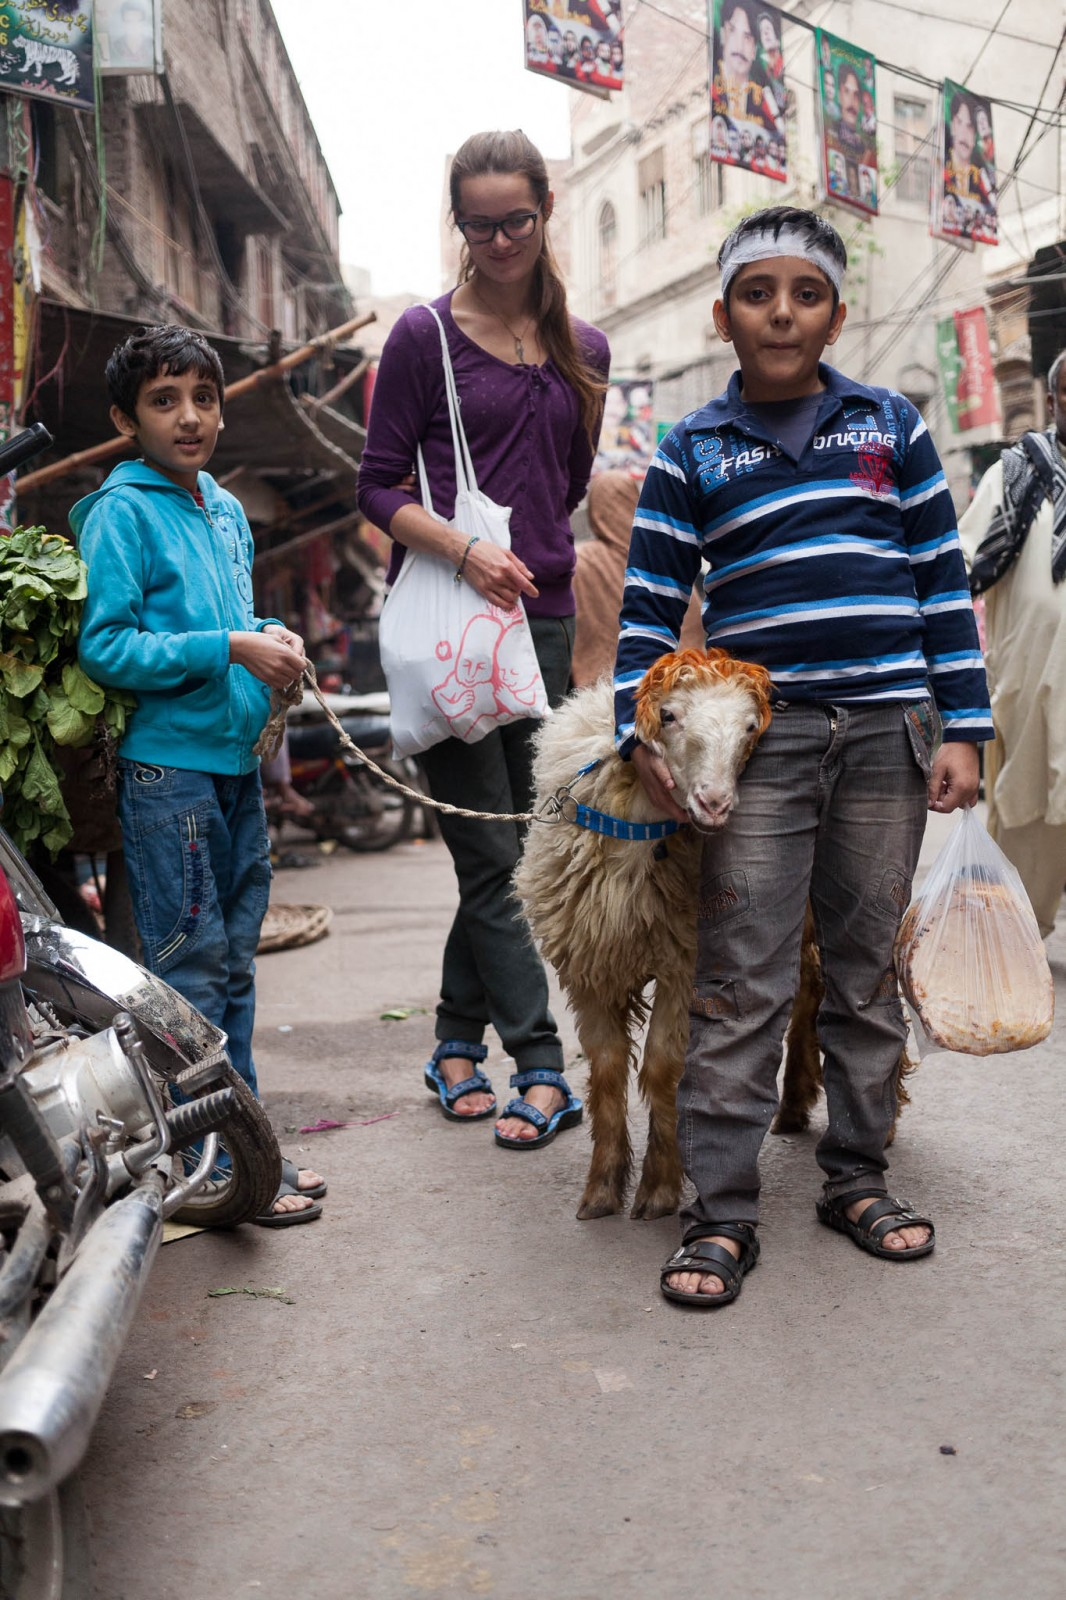 Hena se tady používá na barvení všeho možného, třeba kozy